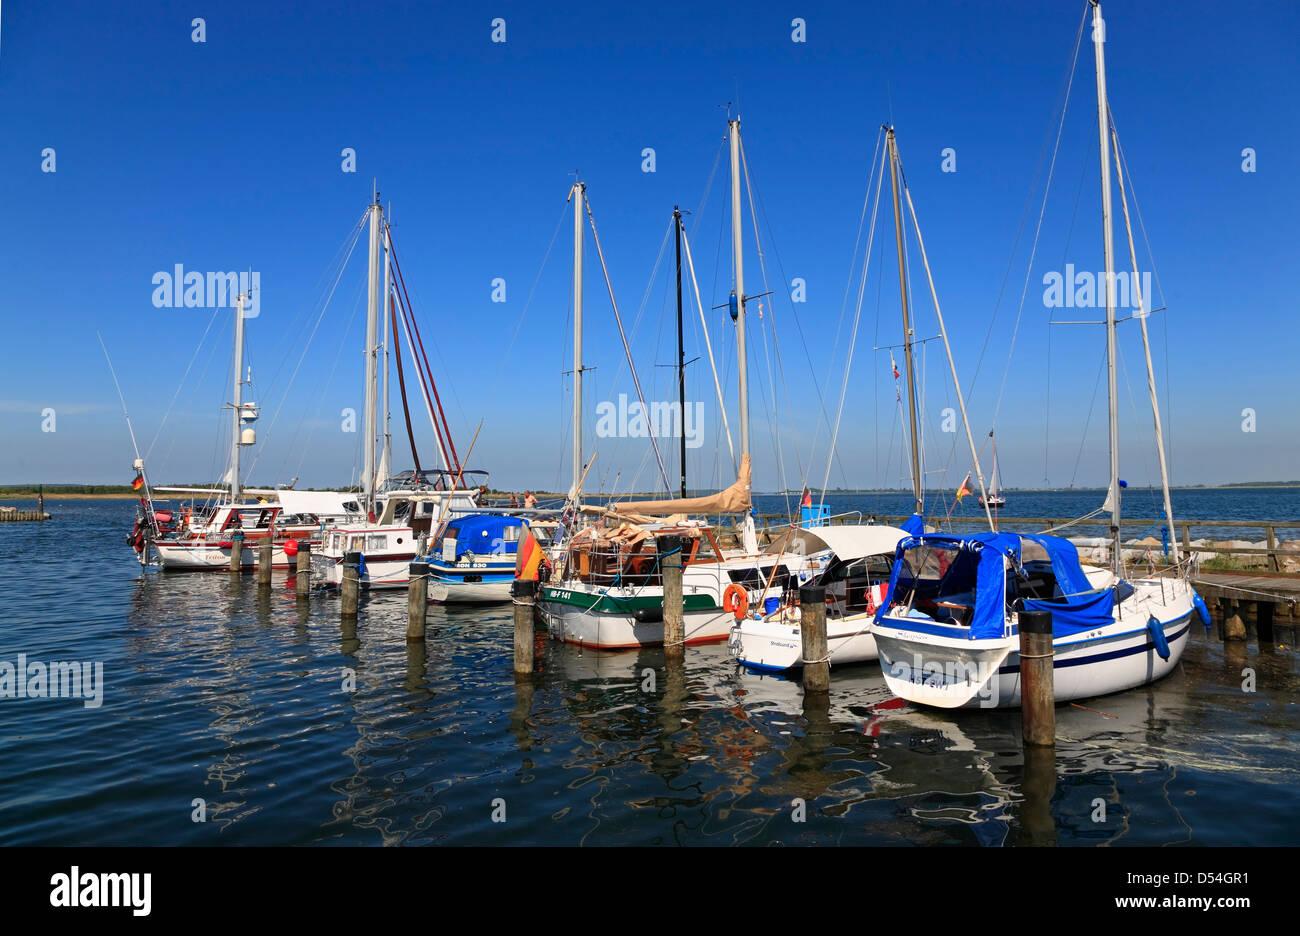 Insel Hiddensee, Neuendorf, Segelboote im Hafen, Mecklenburg Western Pomerania, Deutschland Stockbild